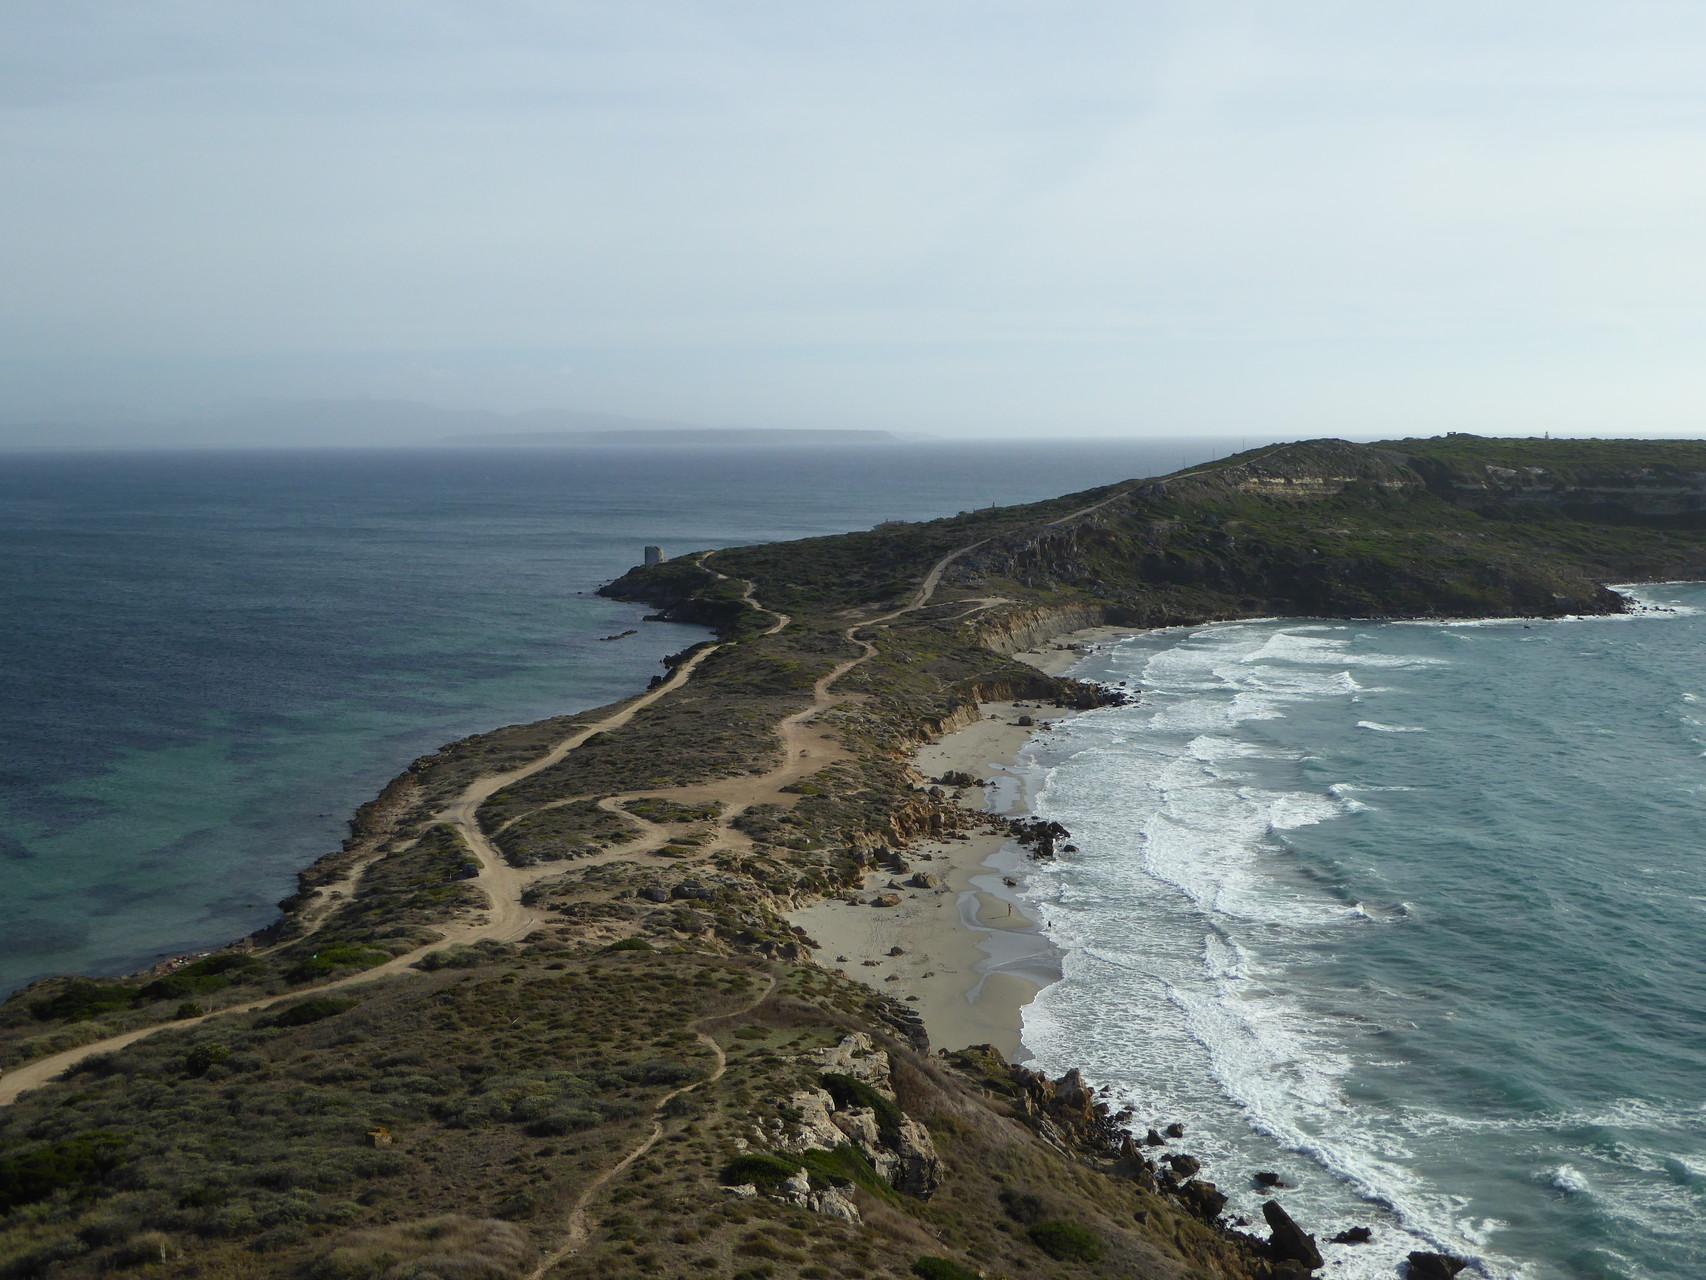 ...wird mit einem grandiosen Ausblick auf die Landzunge am Capo San Marco belohnt.